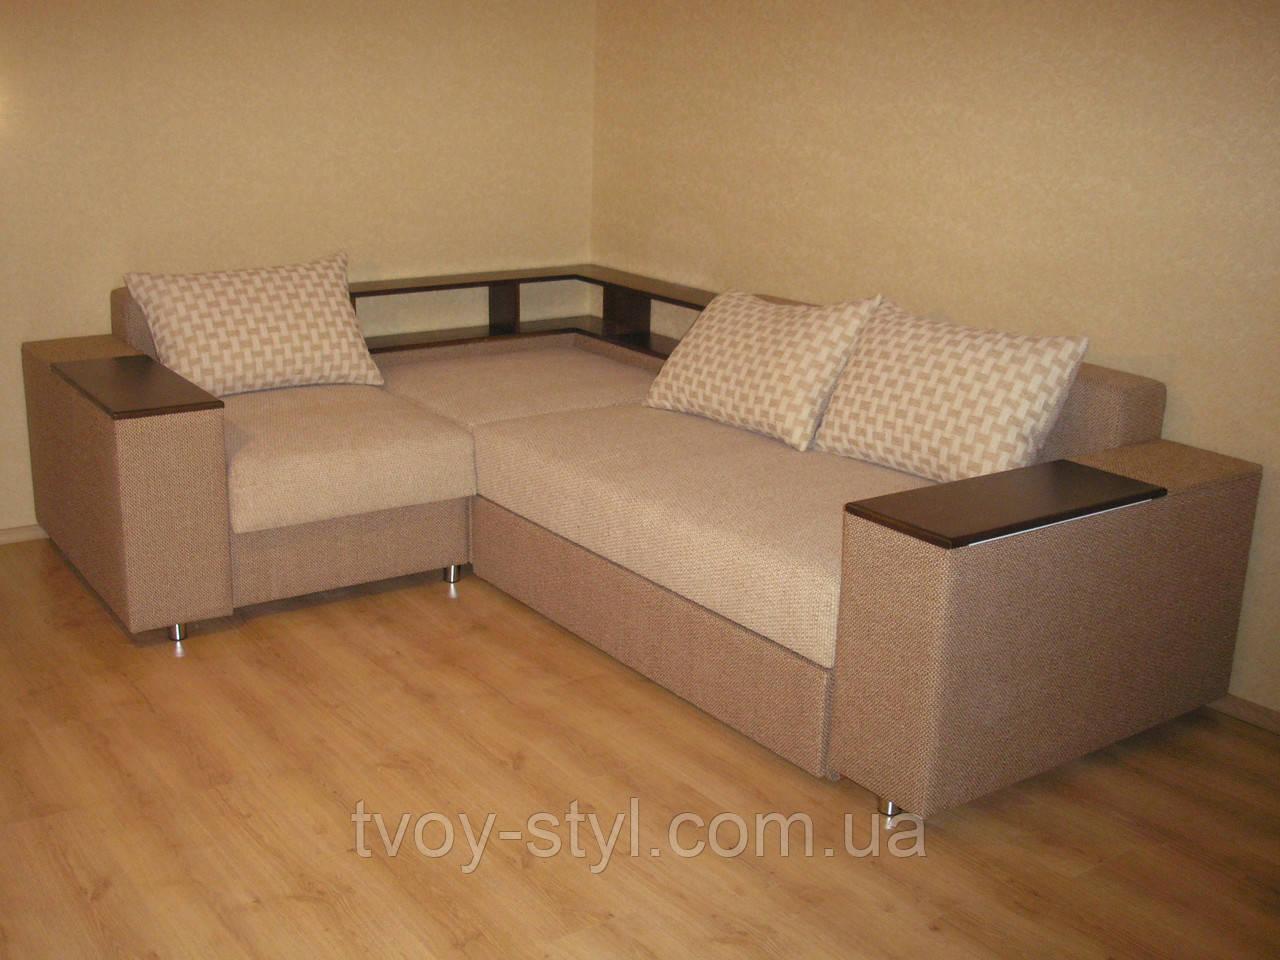 Ремонт мебели днепропетровск